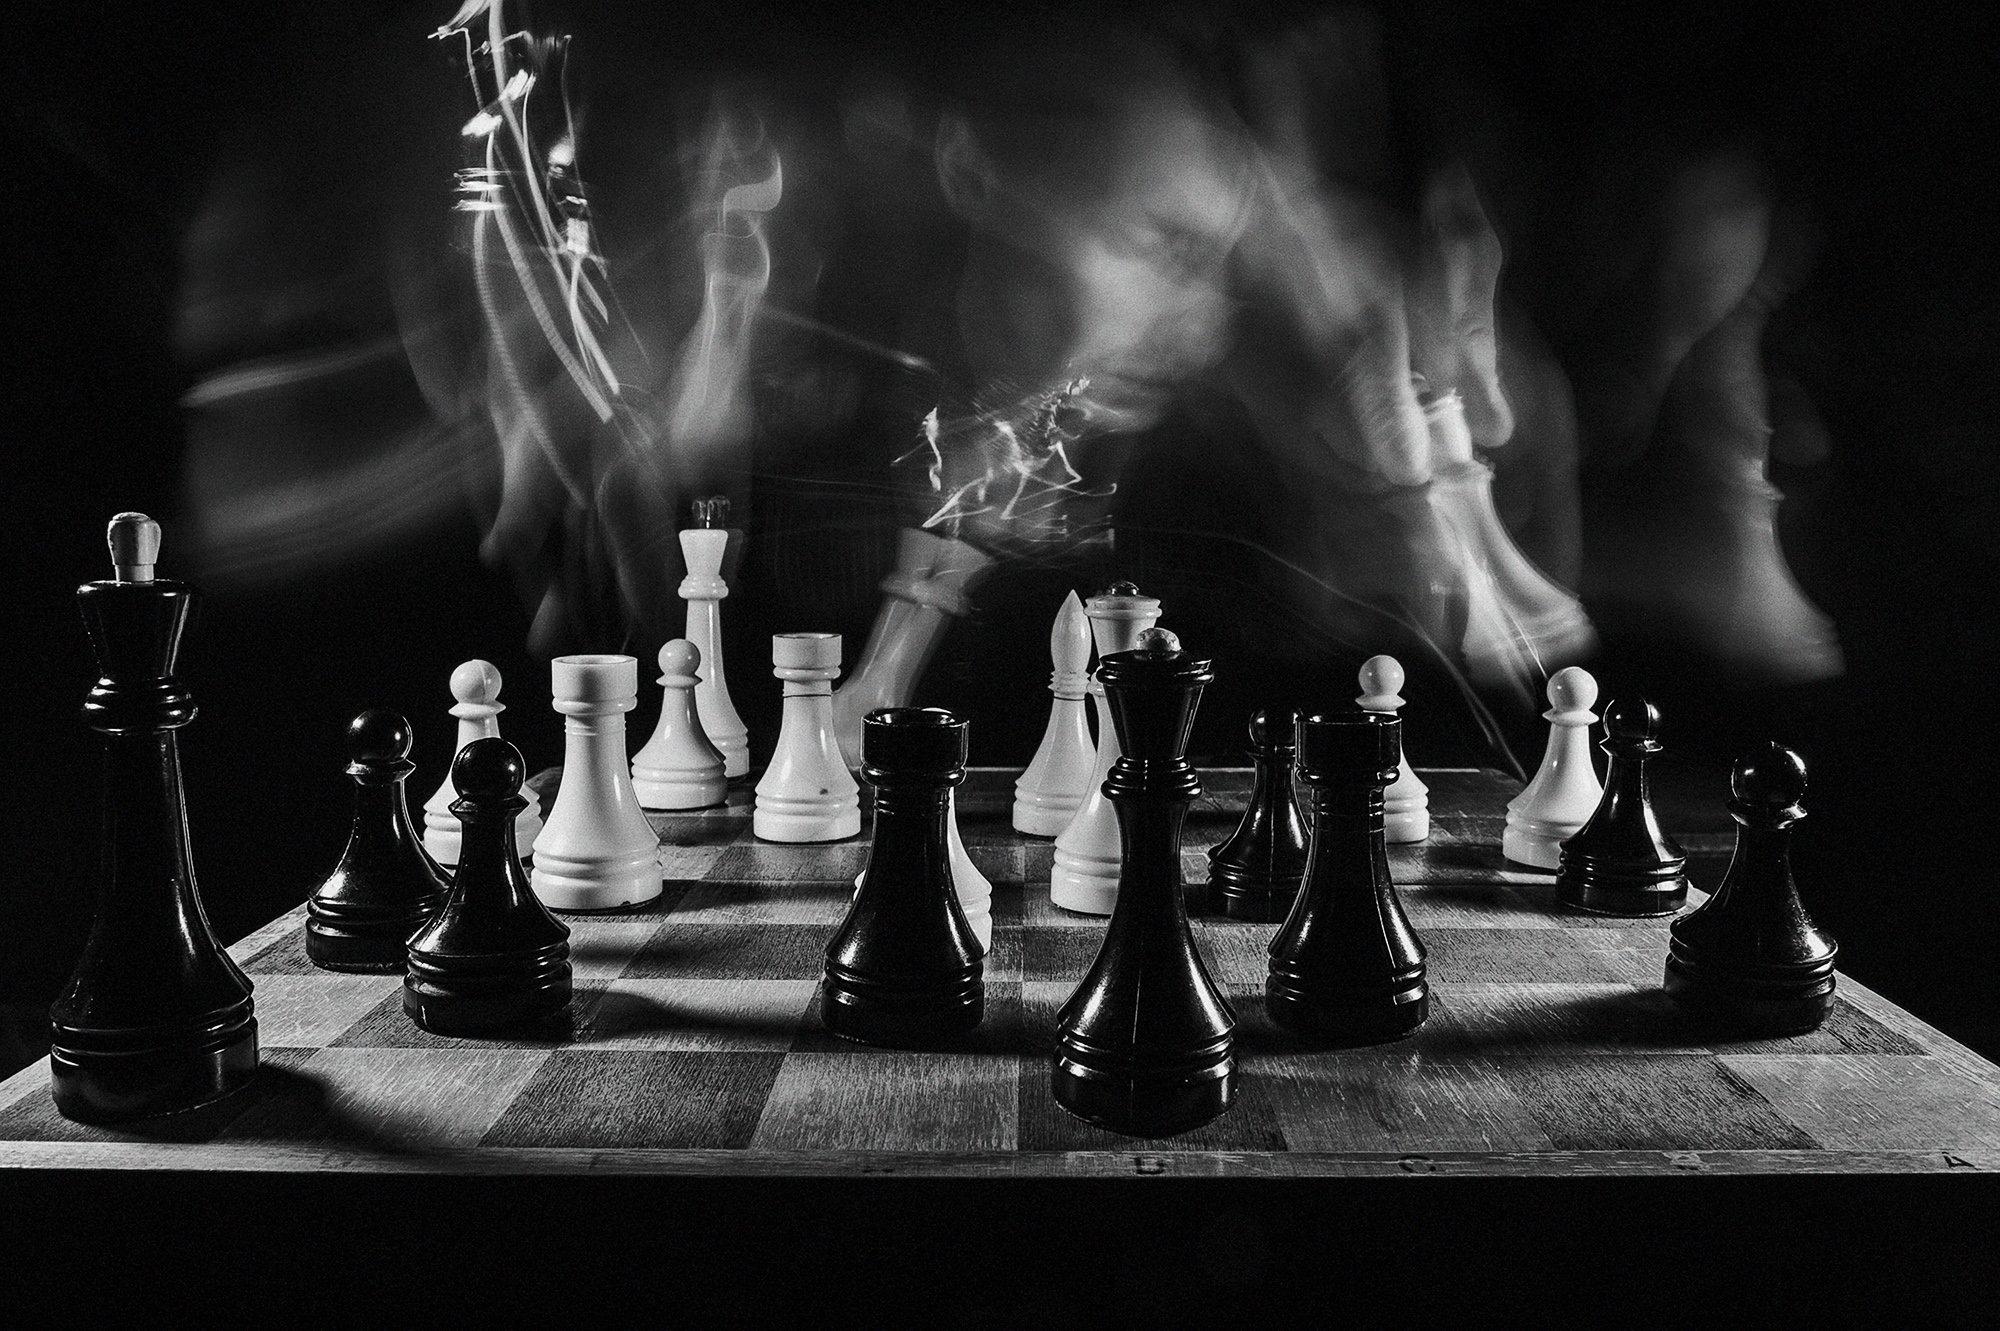 шахматы, Пилипчук Константин